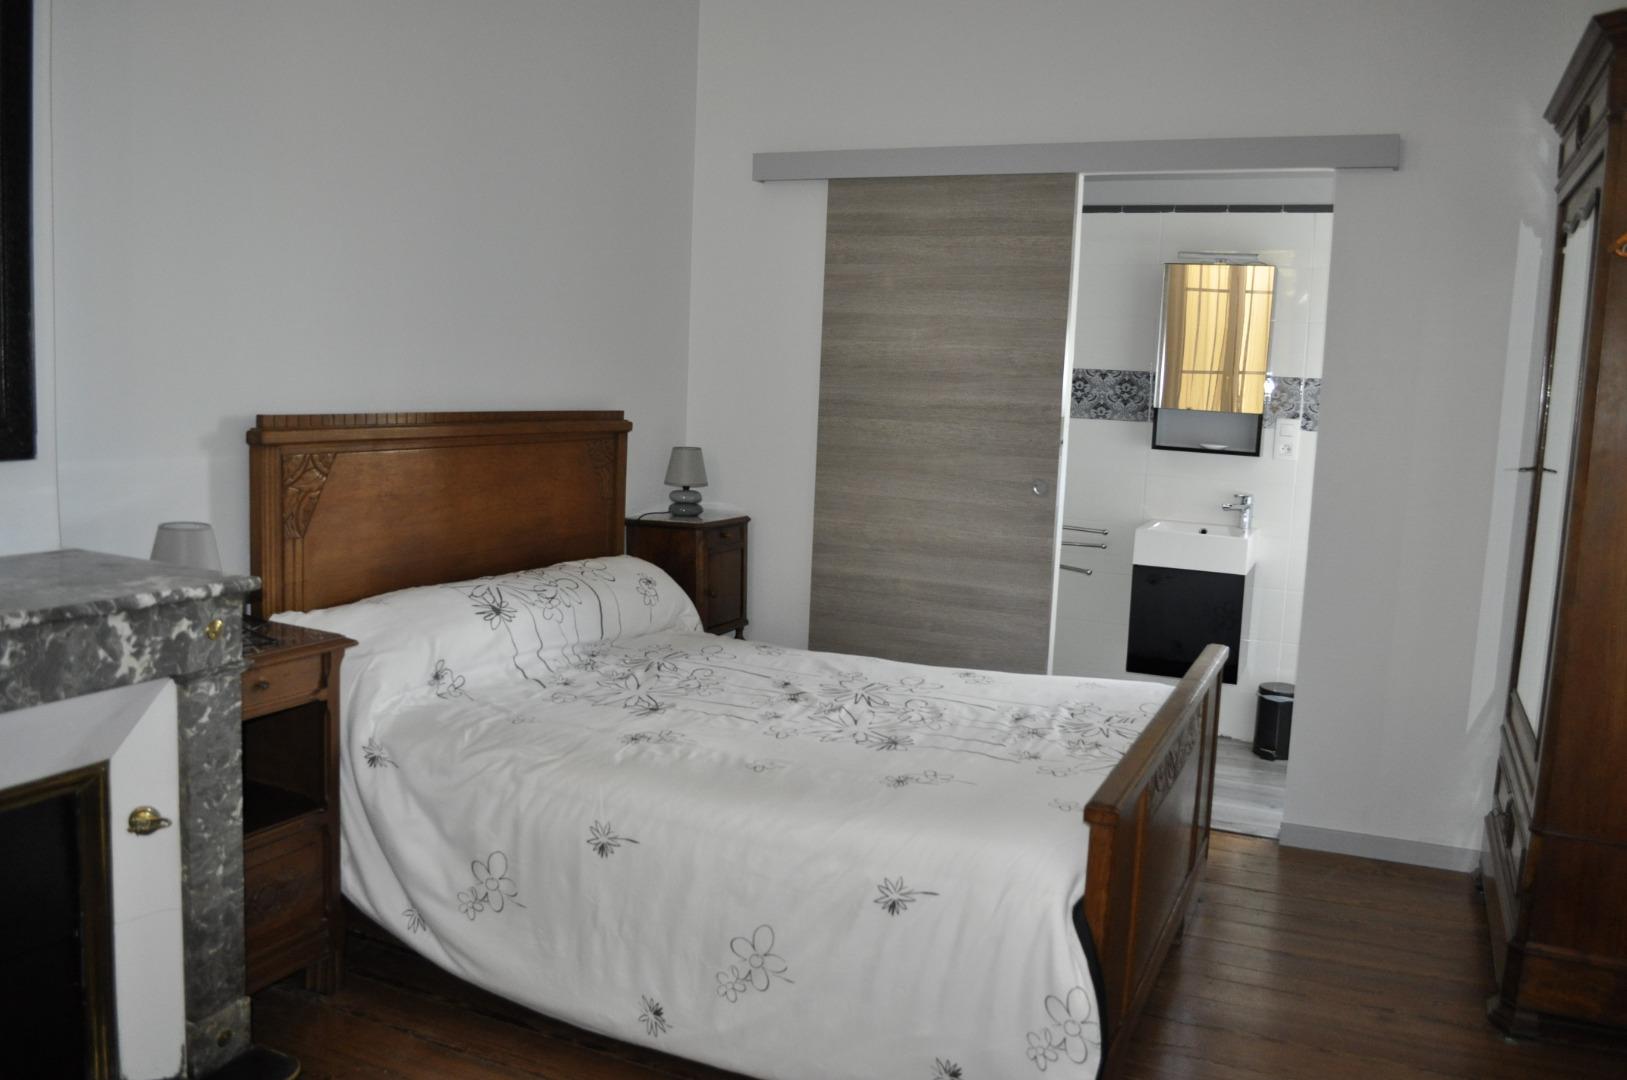 Location de chambre d'hôte familiale à Ludon-Médoc